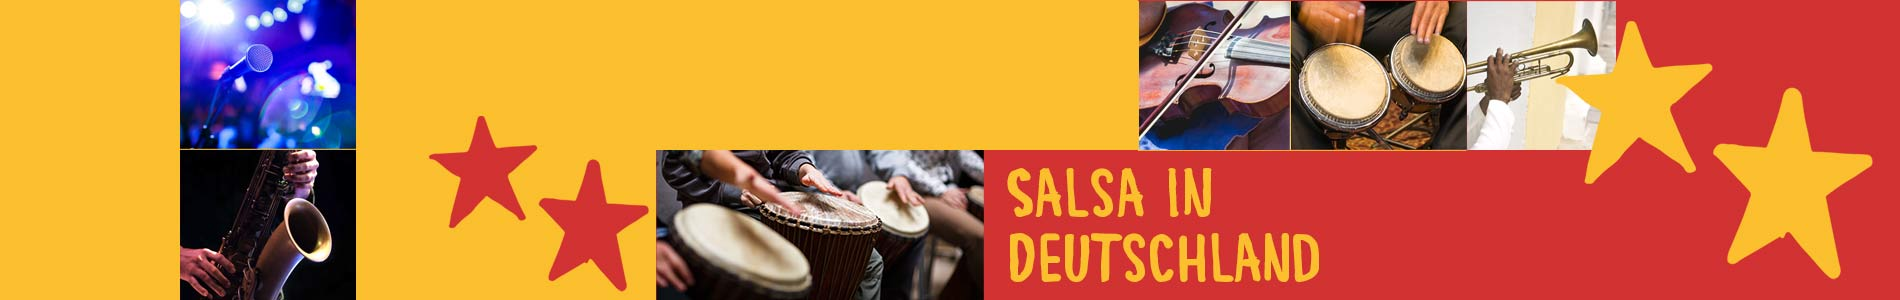 Salsa in Dedelstorf – Salsa lernen und tanzen, Tanzkurse, Partys, Veranstaltungen